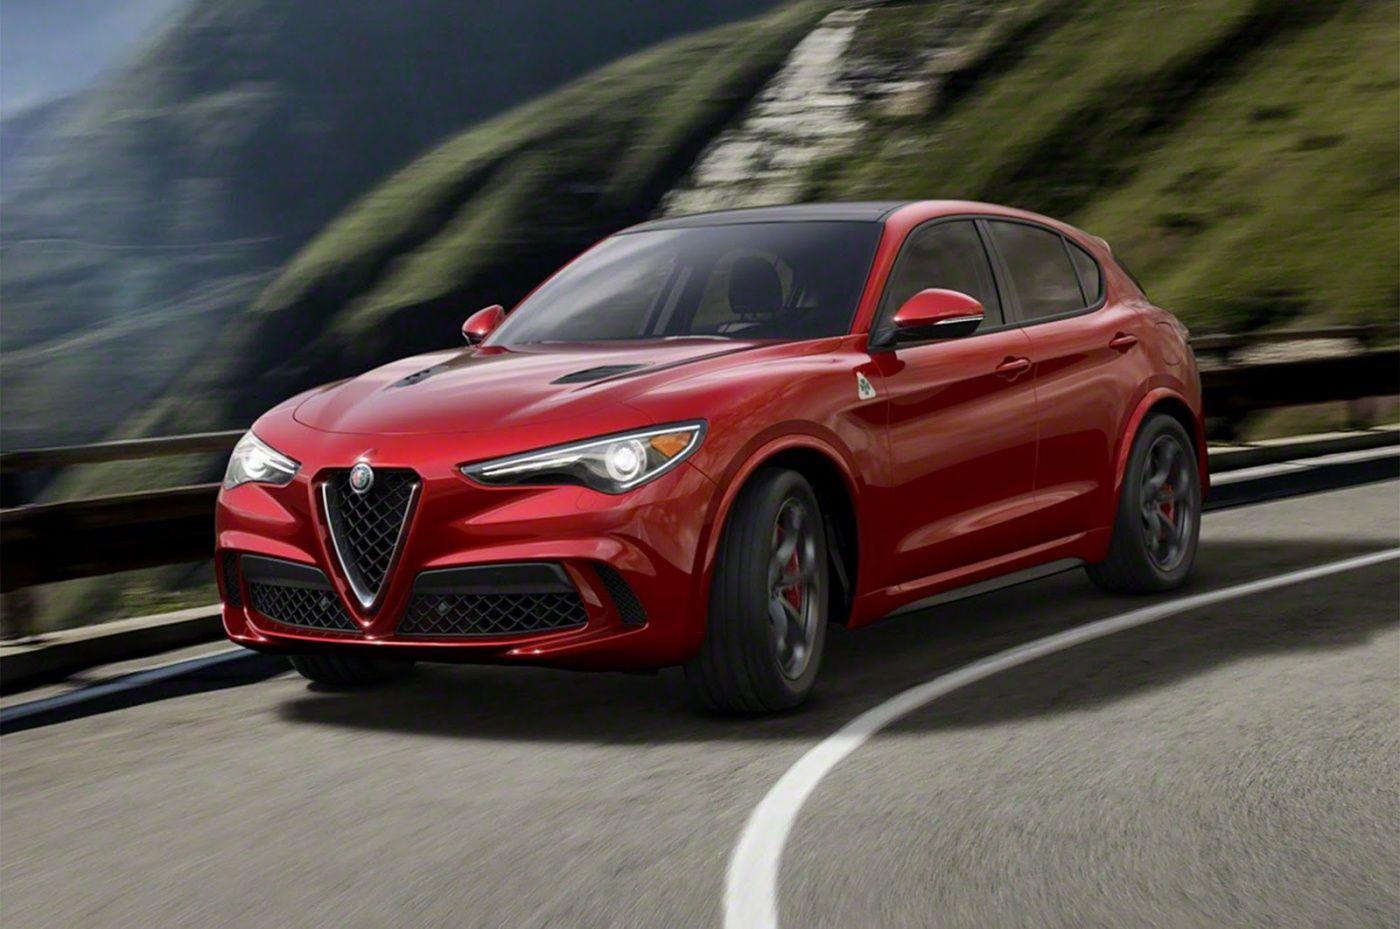 Stelvio The Alfa Romeo Suv New Car Models 2019 Car Reviews Car Models Miniature Cars Alfa Romeo Stelvio Alfa Romeo New Cars